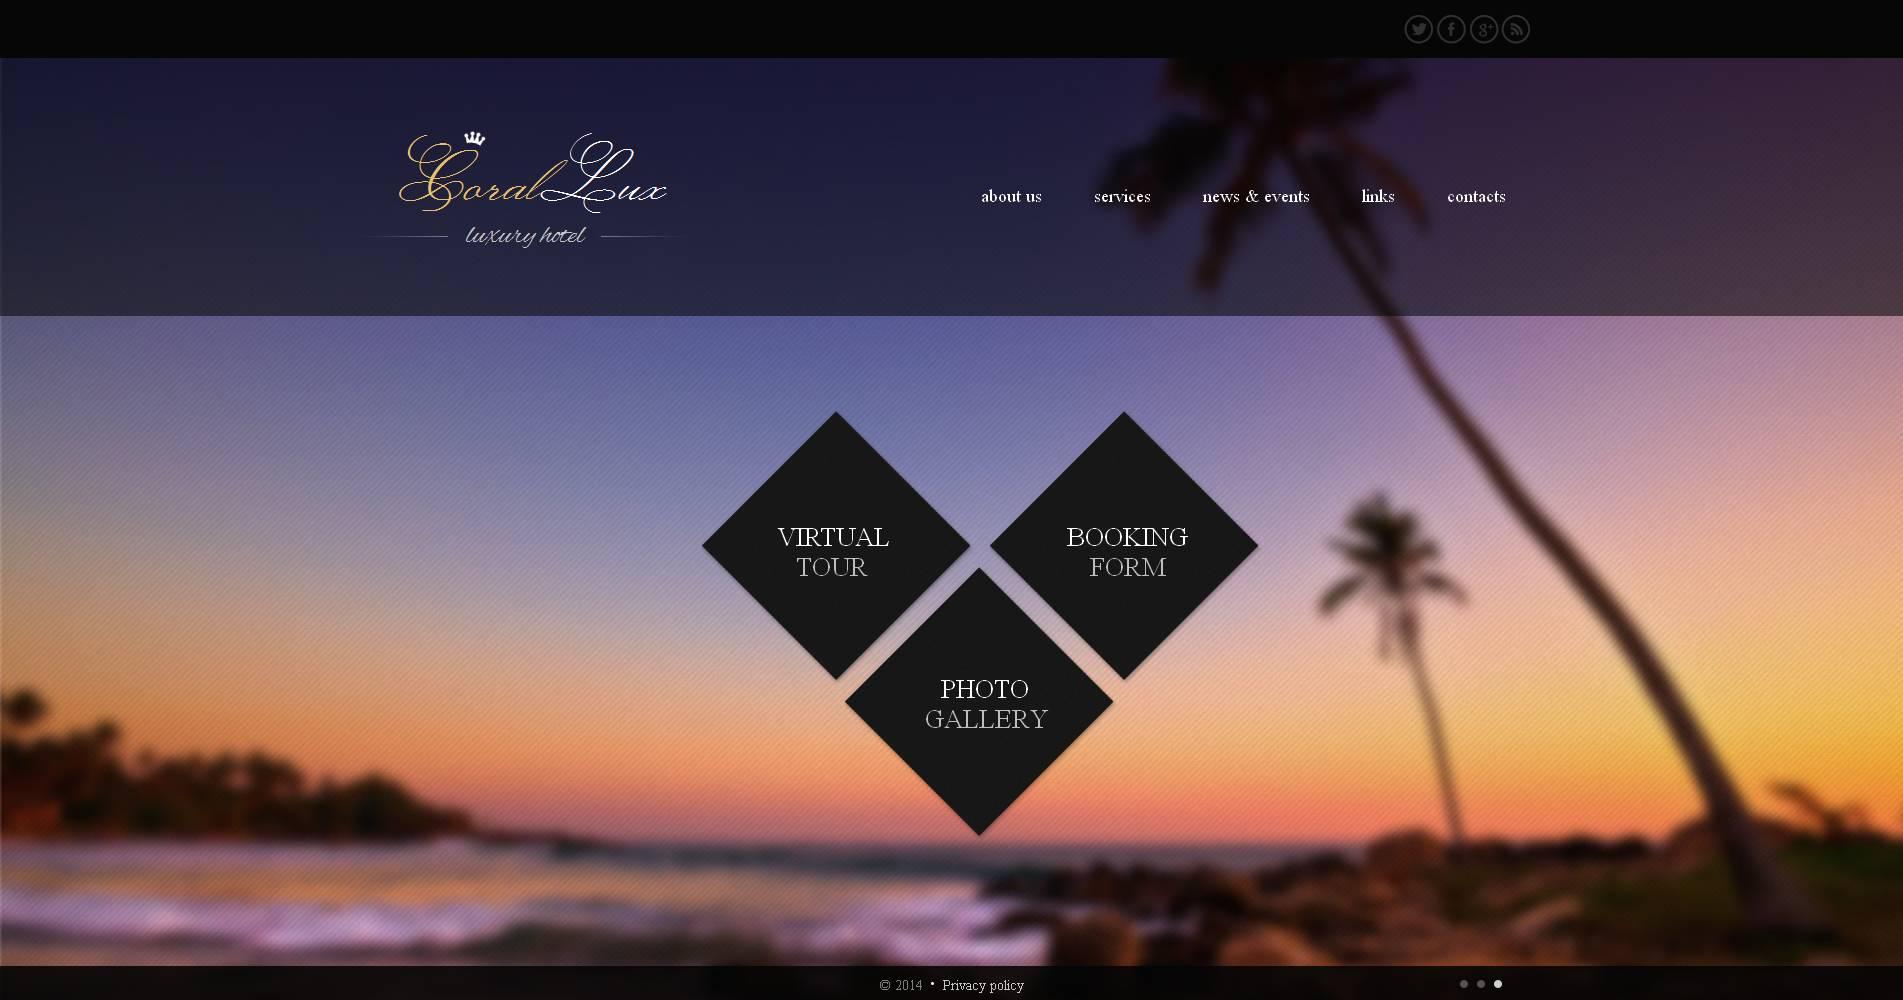 Modèle Moto CMS HTML Premium pour site d'hôtel #48723